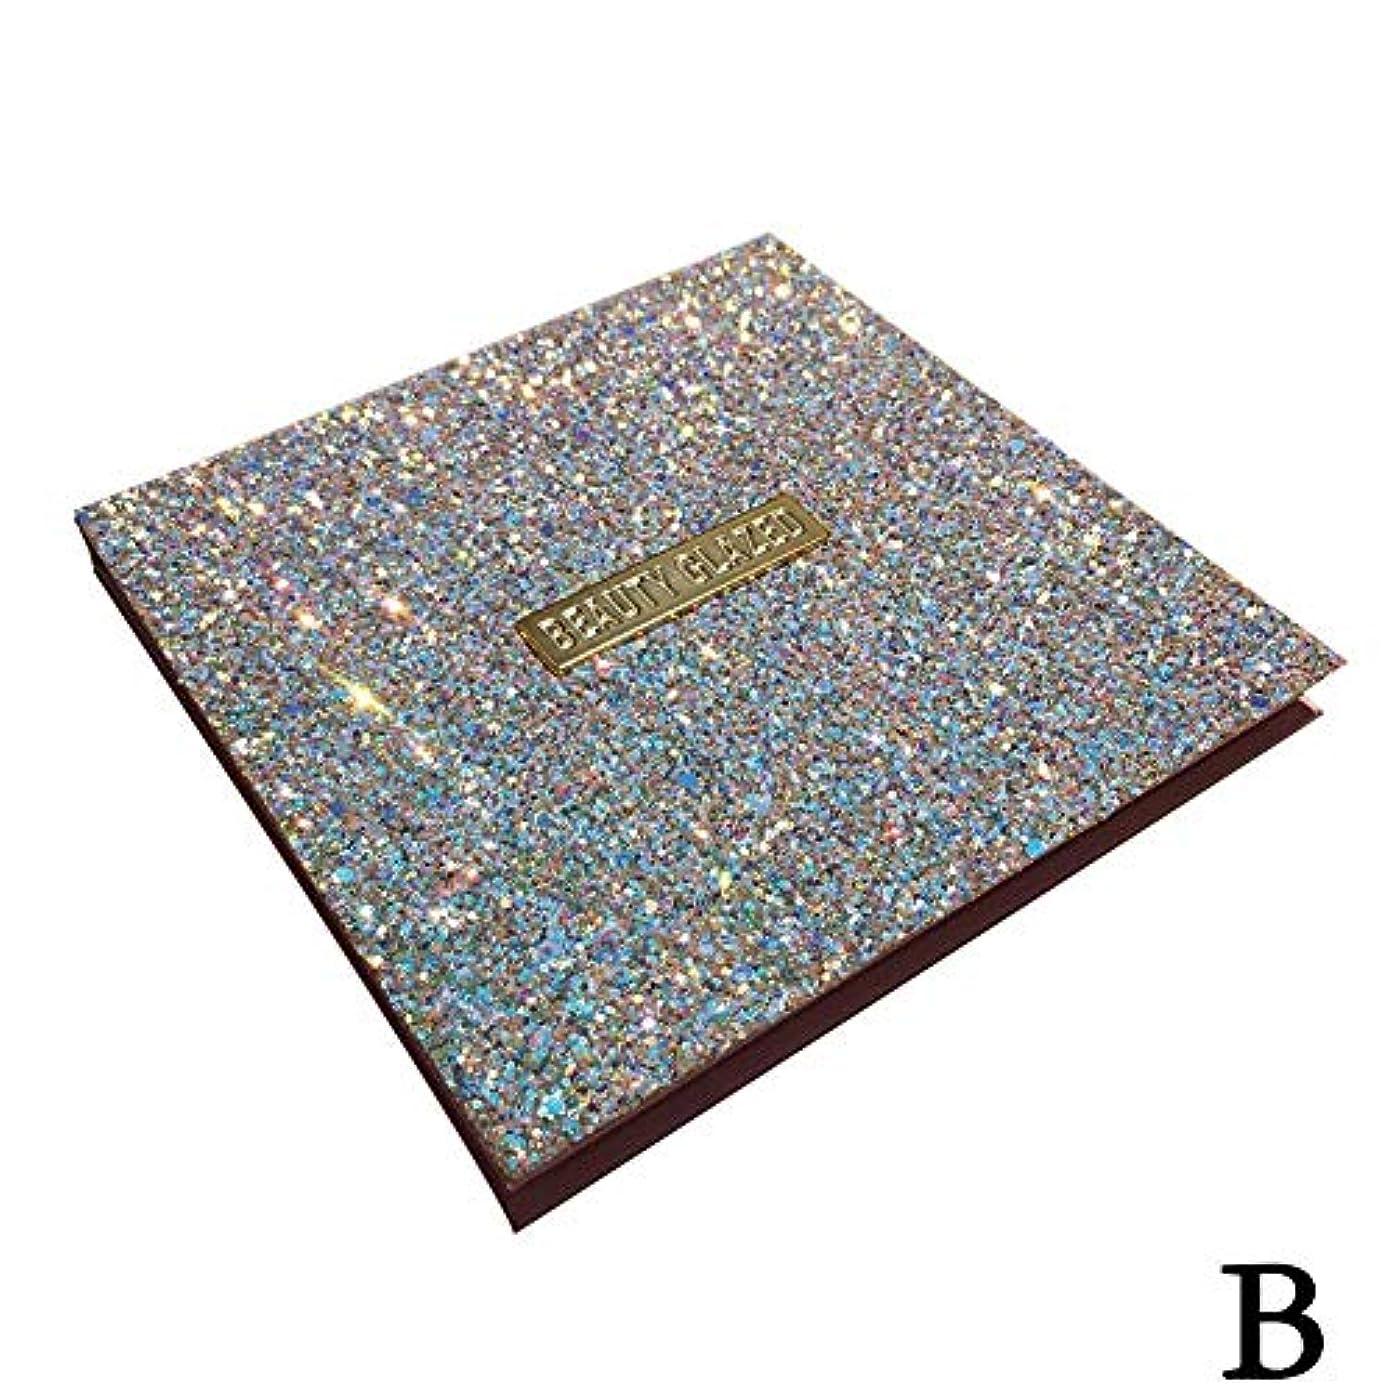 レトルト言い換えると均等に(ゴールデン ドリーミング)Golden Dreaming beauty glazed 無光沢の真珠16色のアイシャドウ (B 2#)